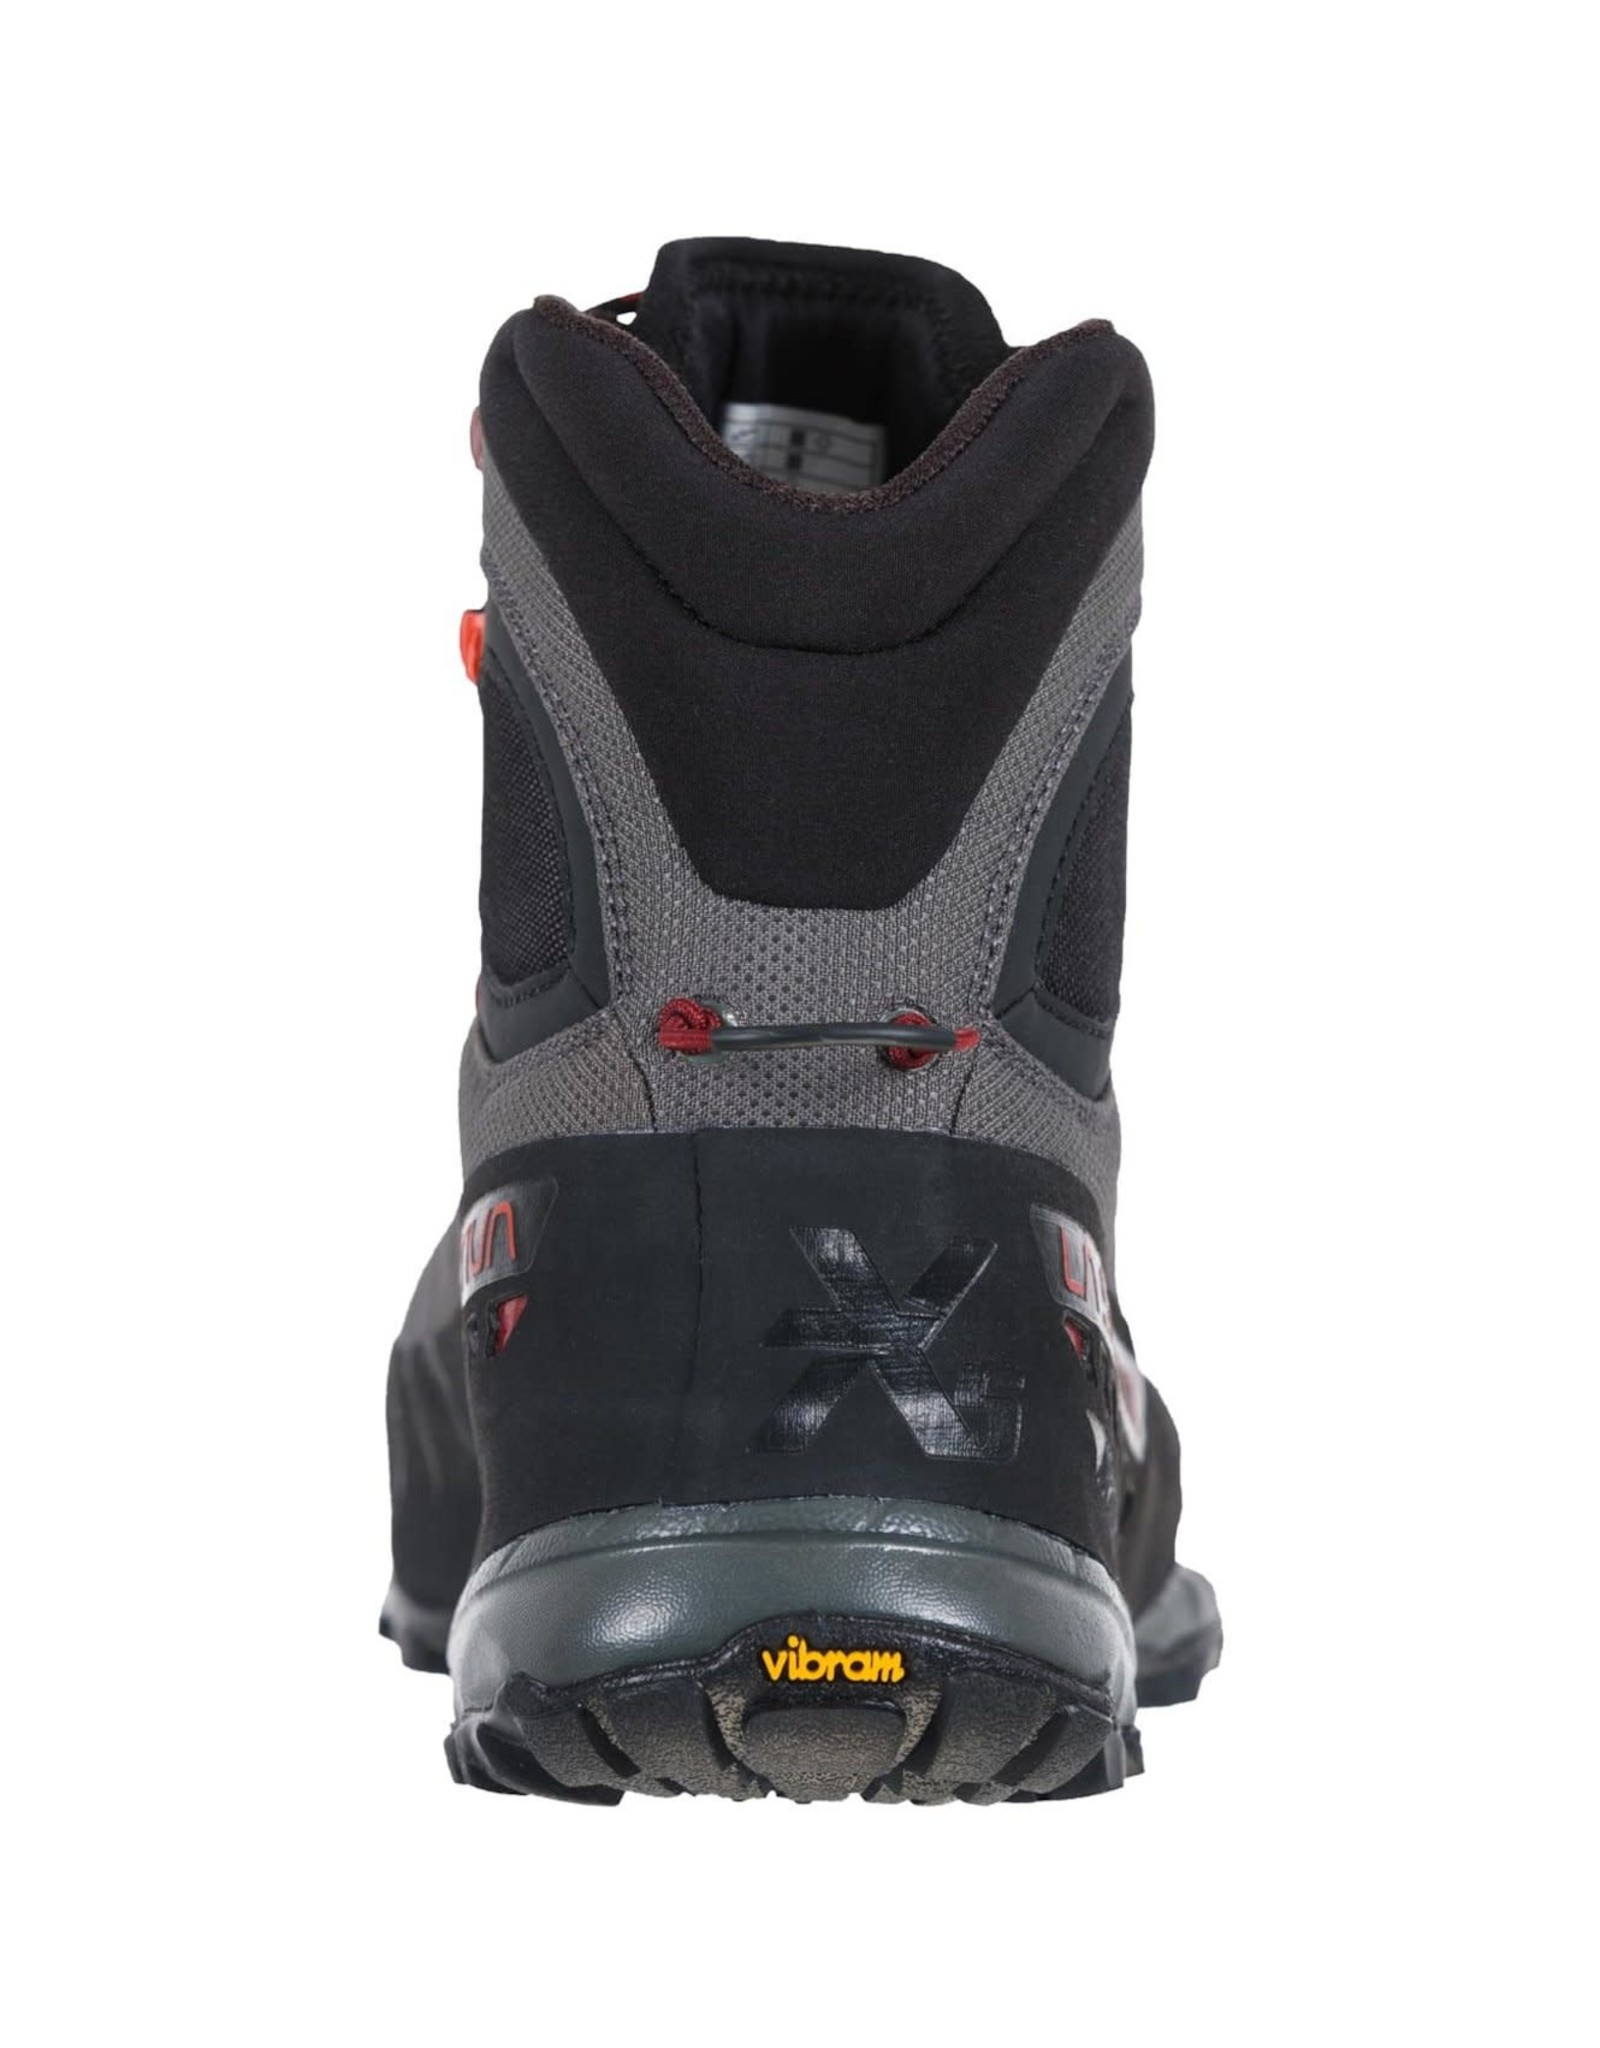 La Sportiva La Sportiva TXS GTX Boots - Men